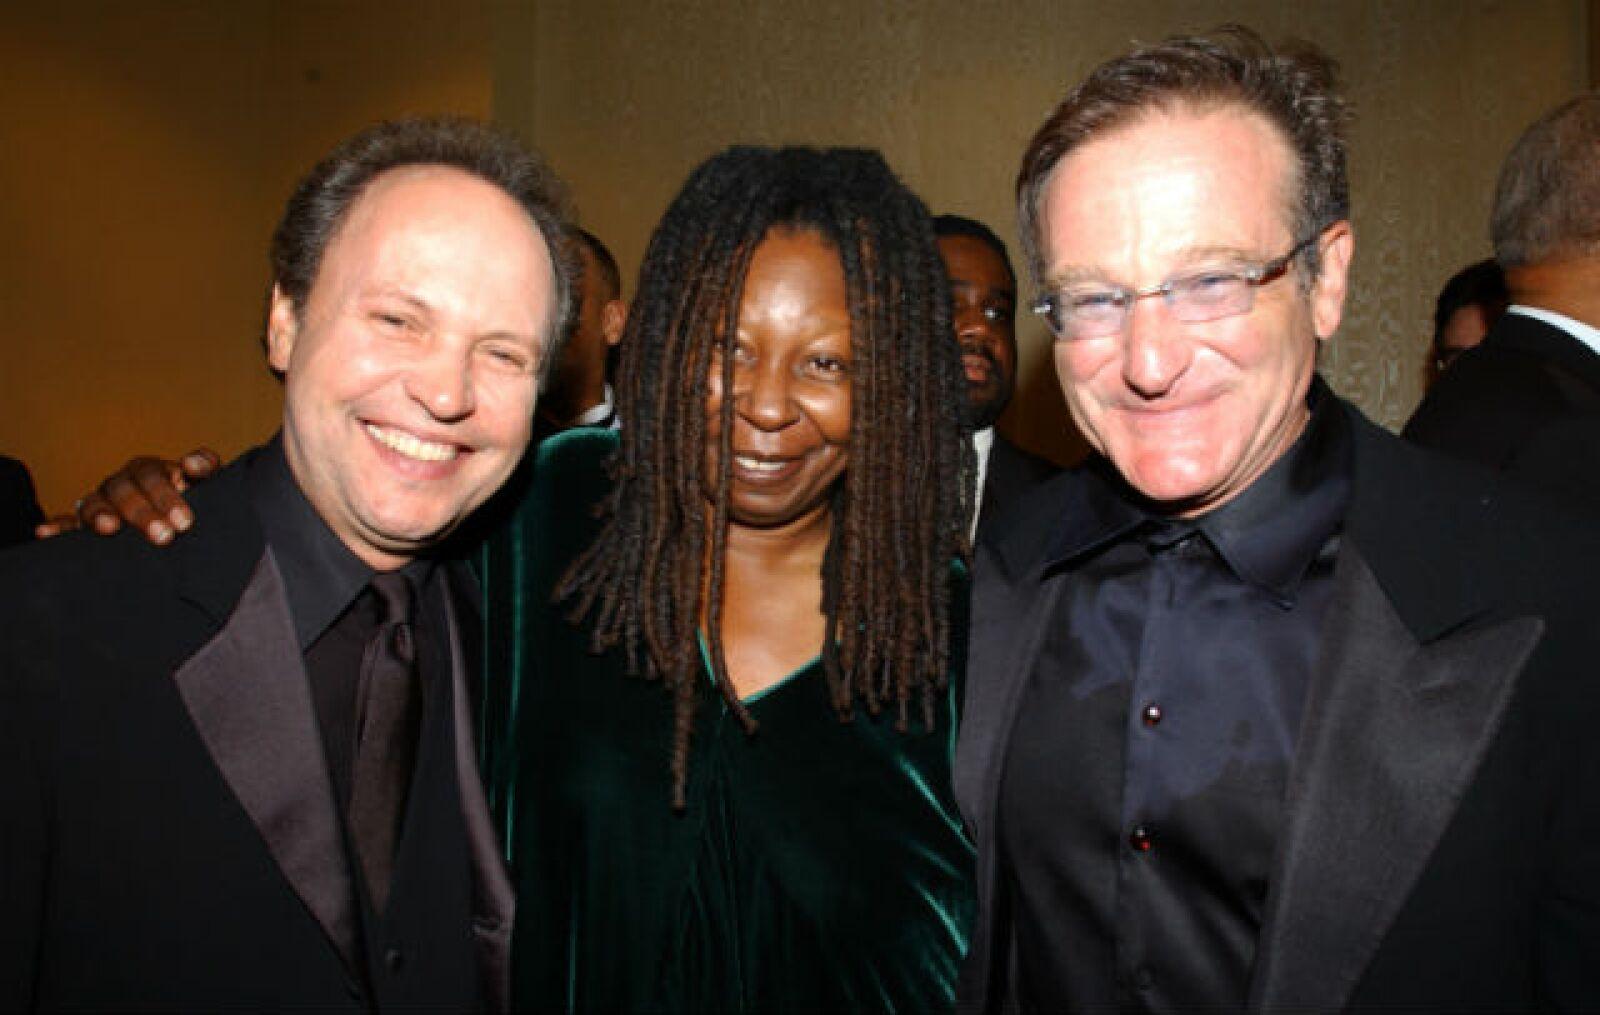 Whoopi y Billy formaron parte de la generación de actores y comediantes con la que Robin trabajó.